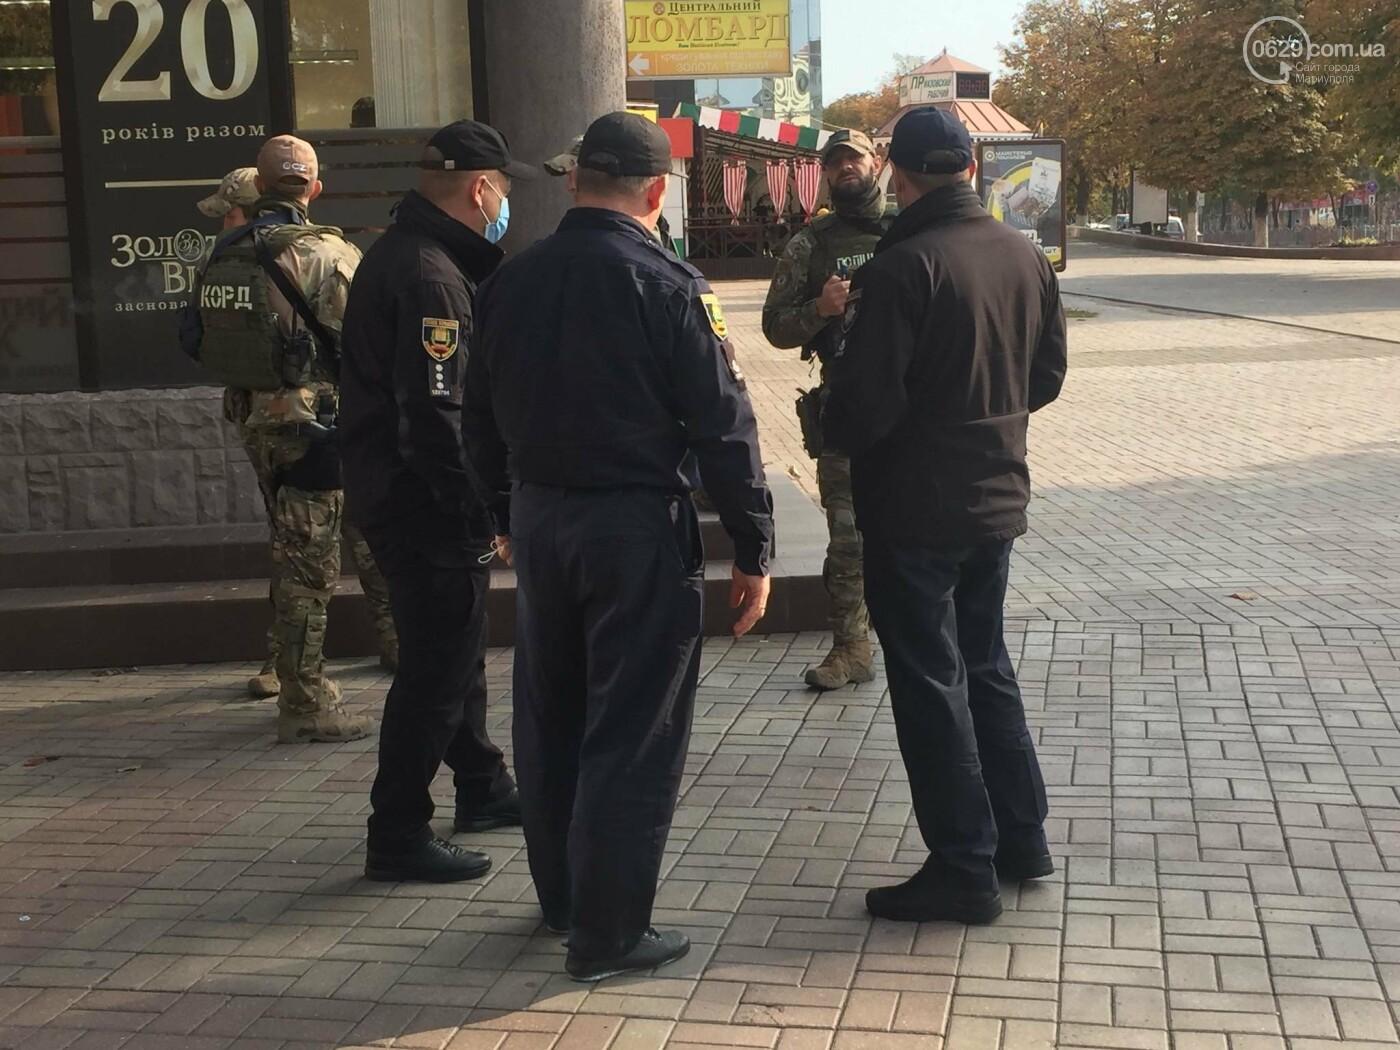 В центре Мариуполя  возле ювелирного салона работала полиция  и спецназ, - ФОТО, фото-2